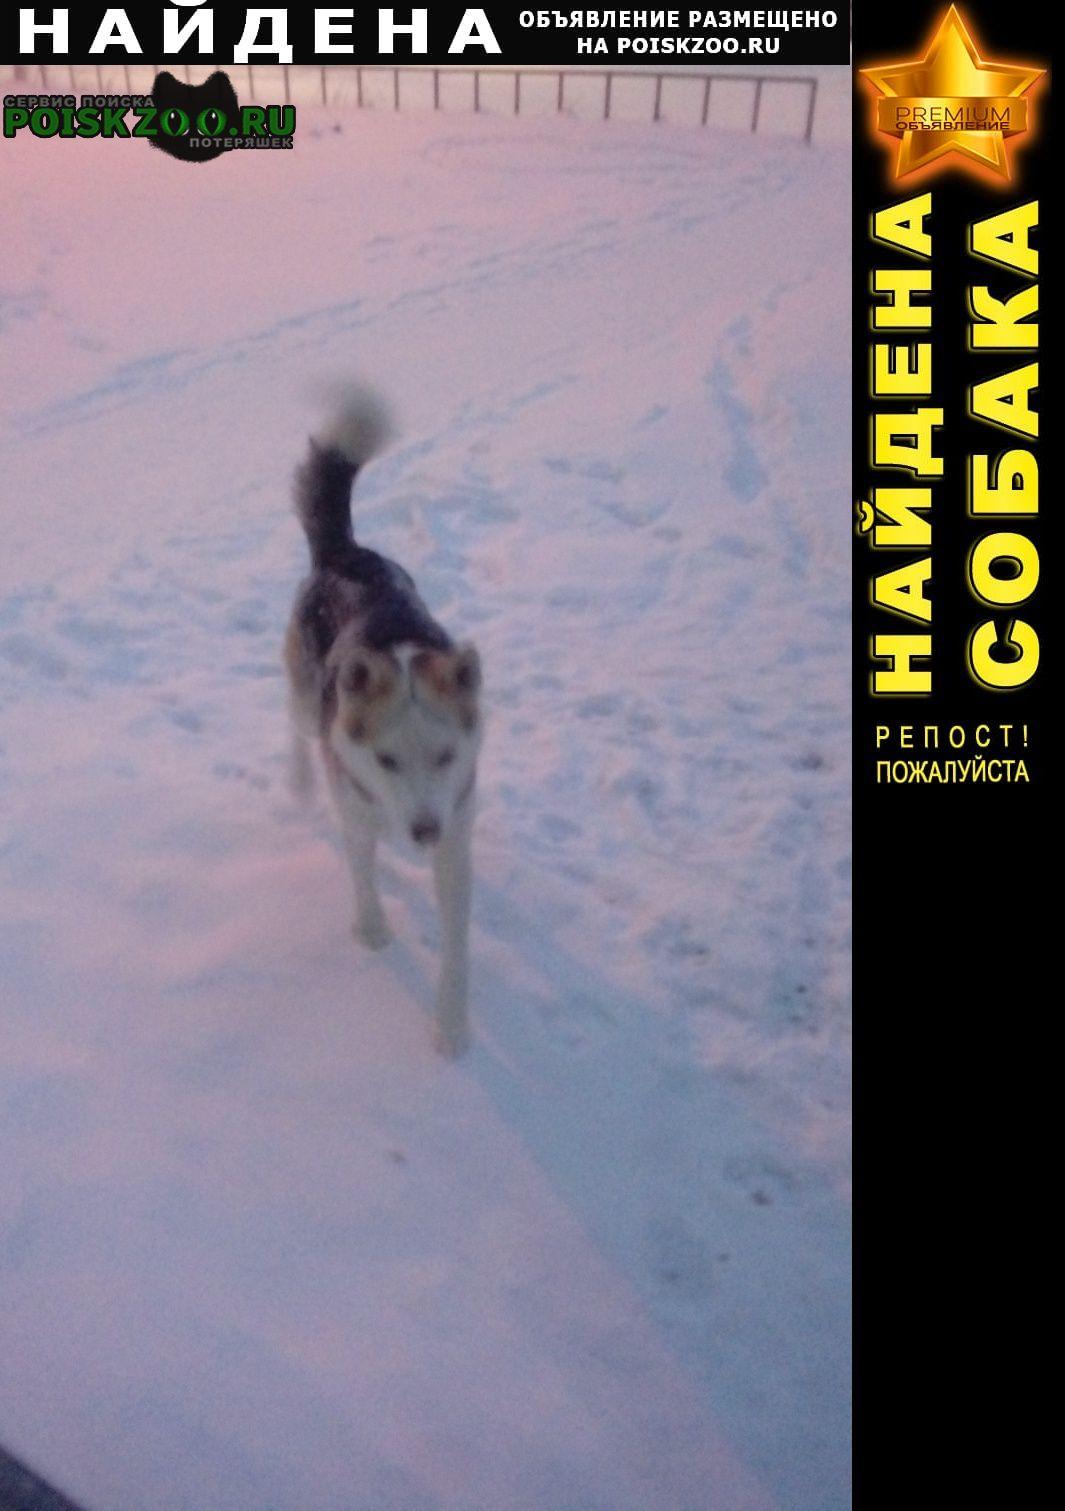 Найдена собака район успенский проспект-огнеупорщиков Верхняя Пышма